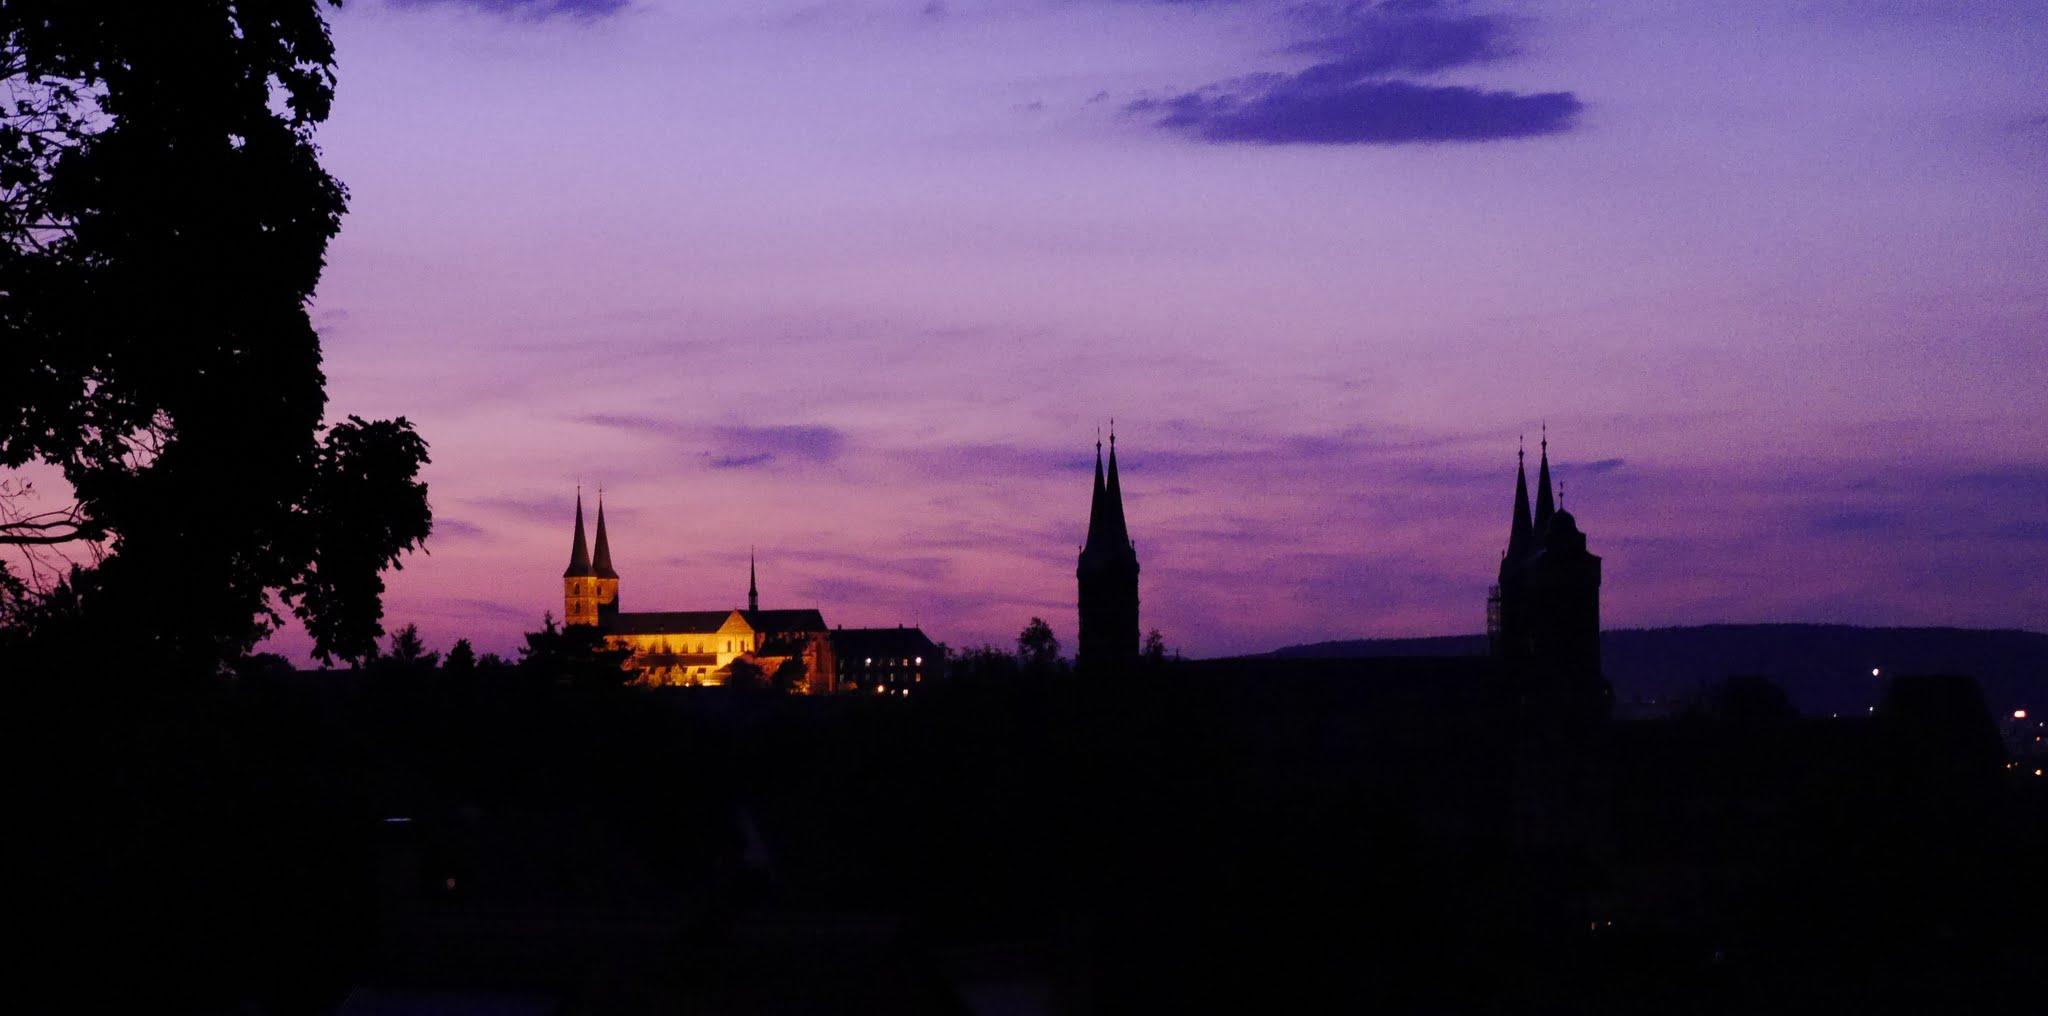 Stadtsilhouette von Bamberg, PB